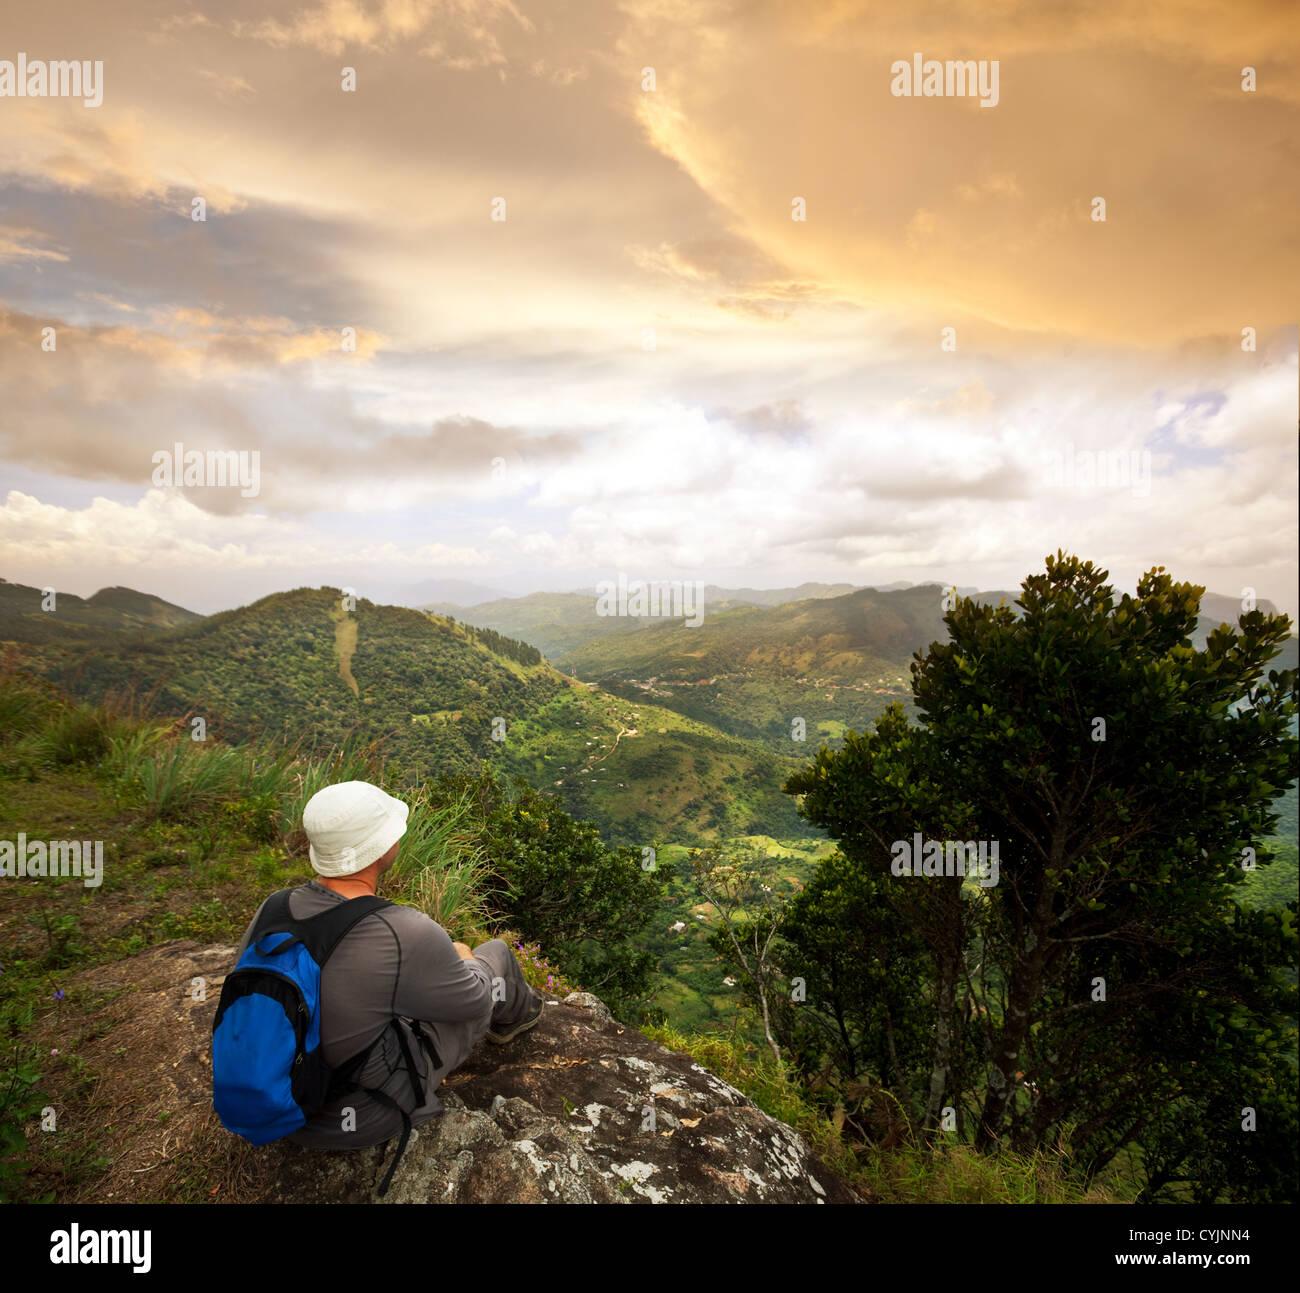 Caminante en las montañas Imagen De Stock